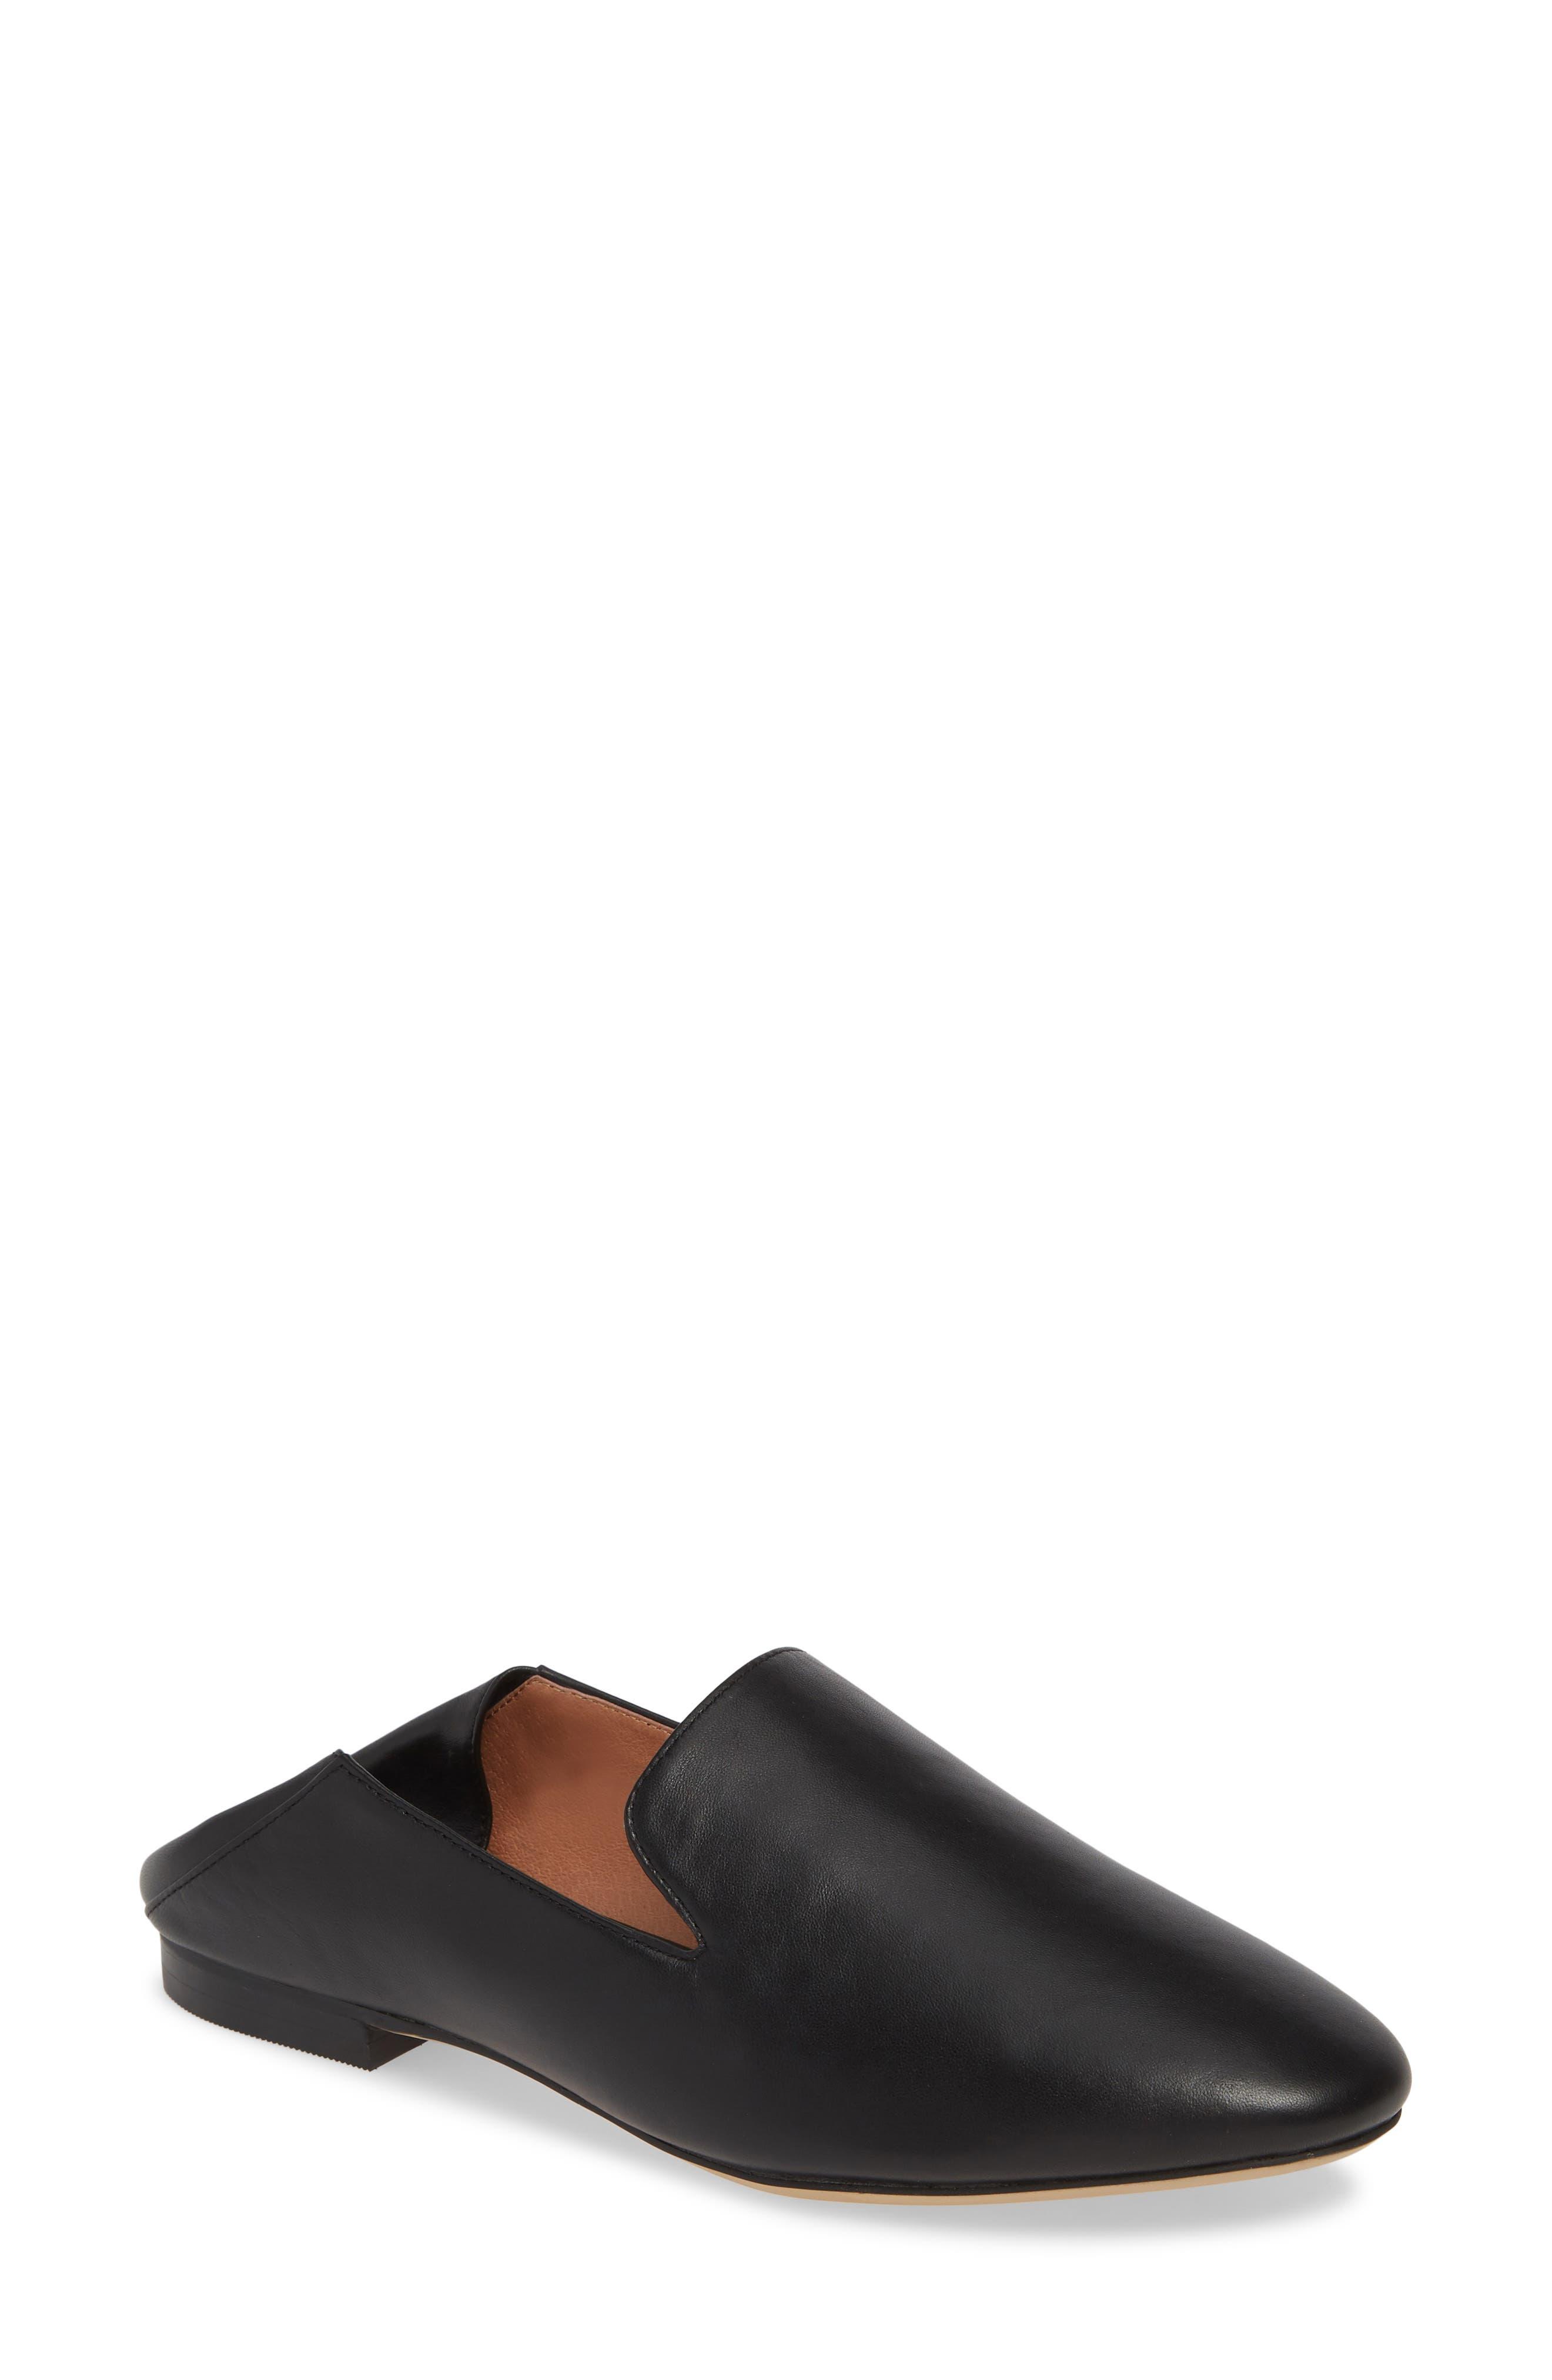 HALOGEN<SUP>®</SUP> Halogen Sabrina Collapsible Back Flat, Main, color, BLACK LEATHER